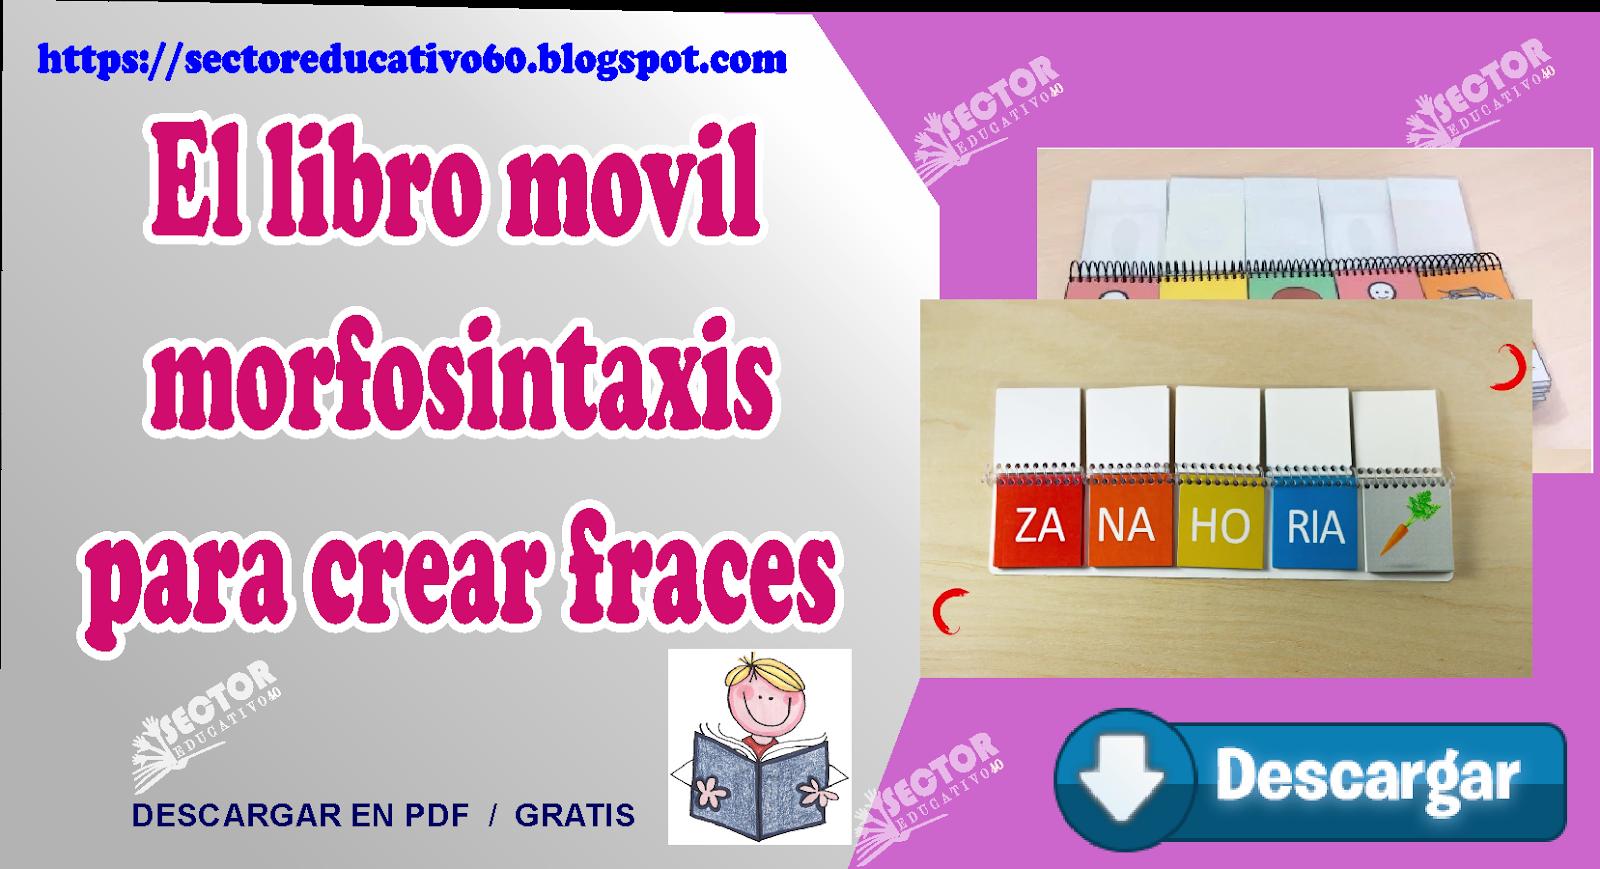 Libro Móvil Morfosintaxis Para Crear Fraces Sectoreducativo60